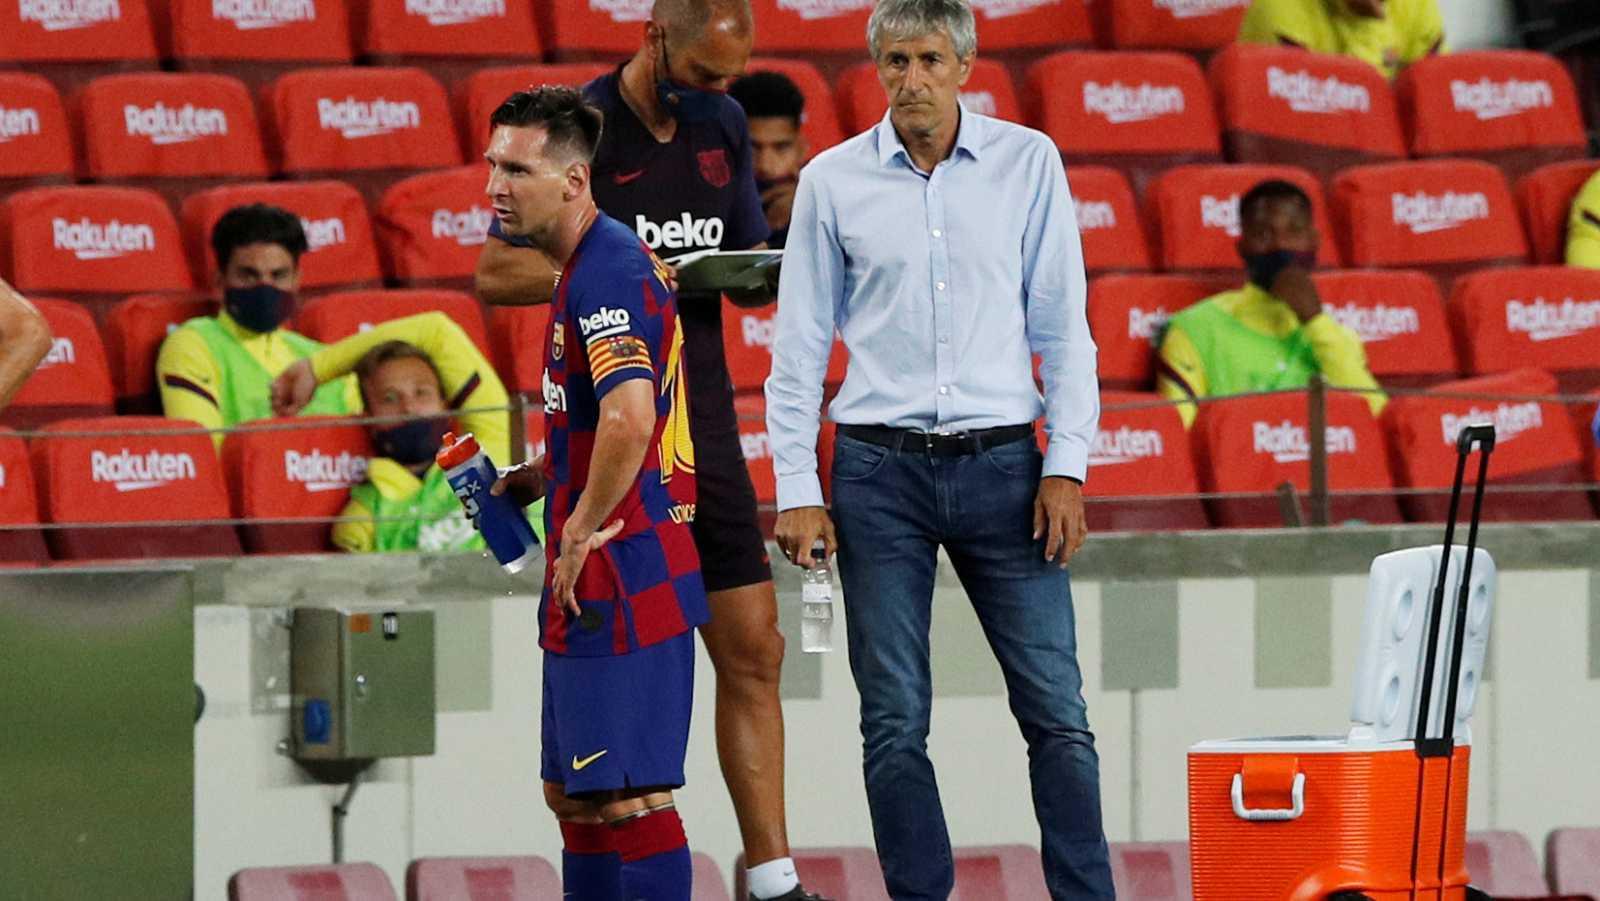 Imagen de Messi y de Setién durante el partido del FC Barcelona frente al Atlético de Madrid en el Camp Nou.